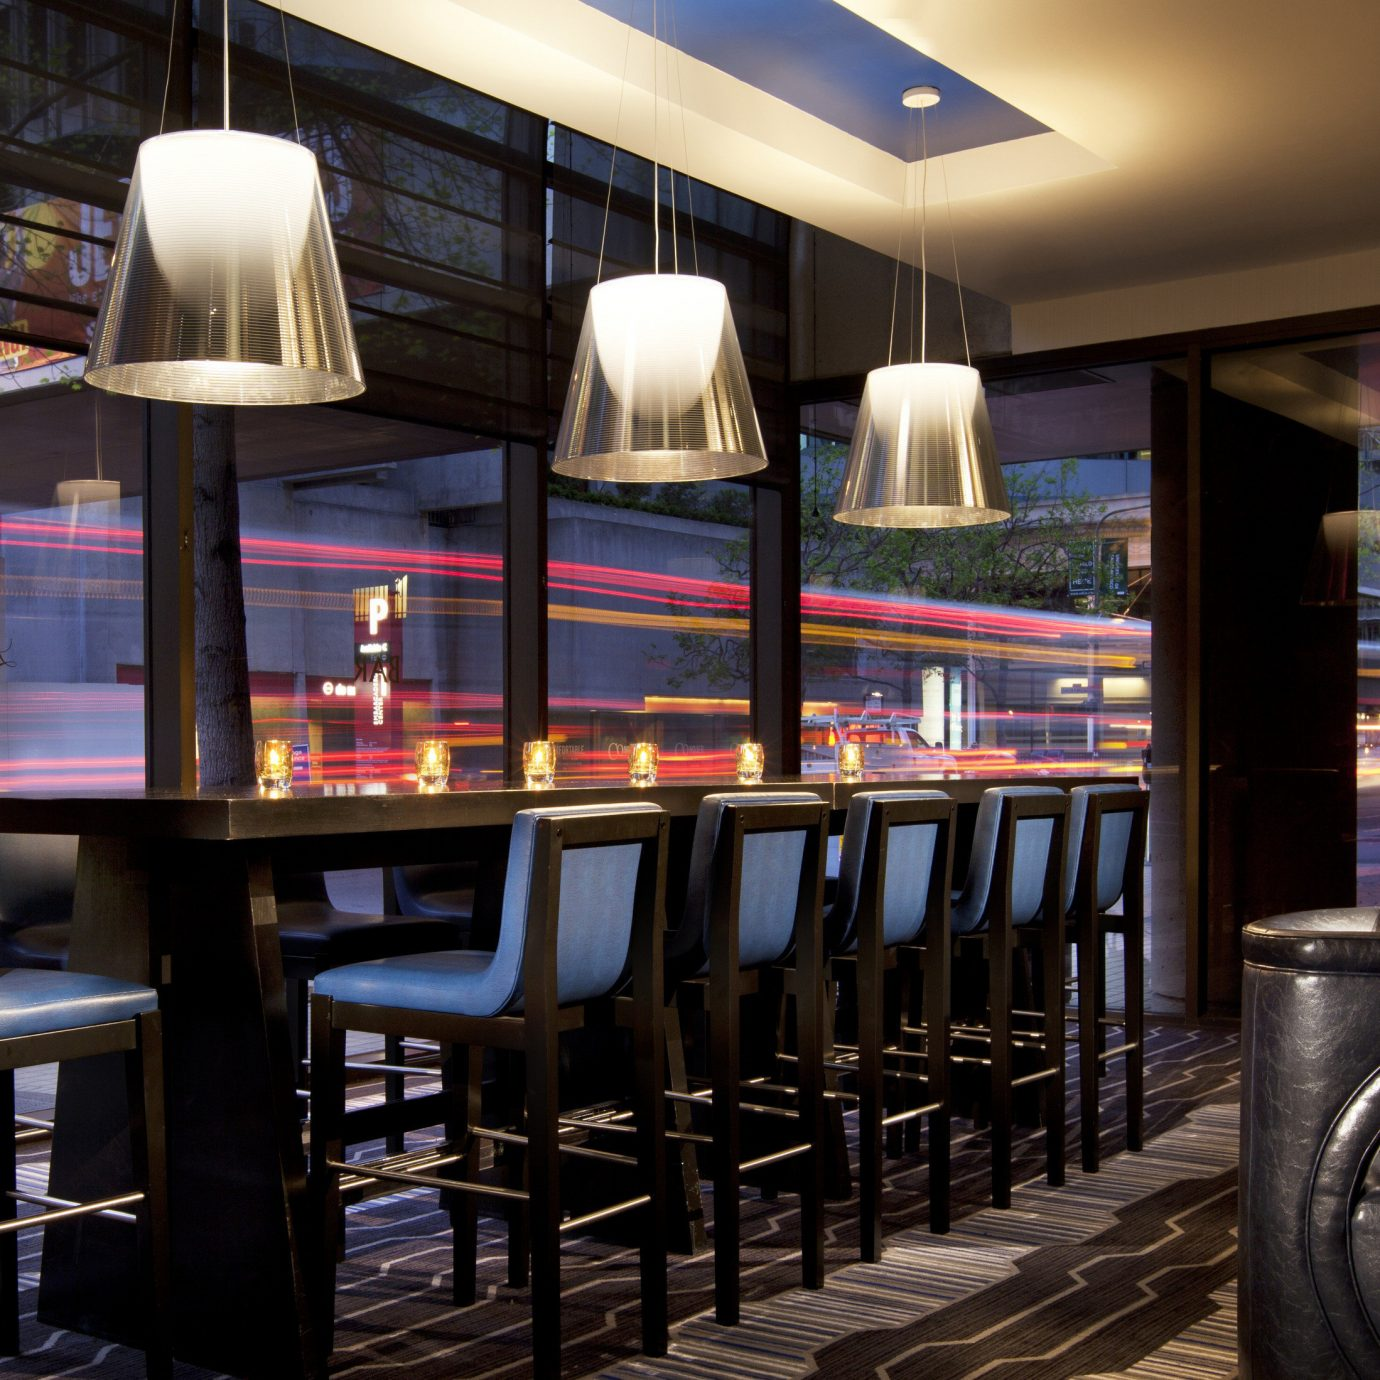 chair Bar restaurant café dining table